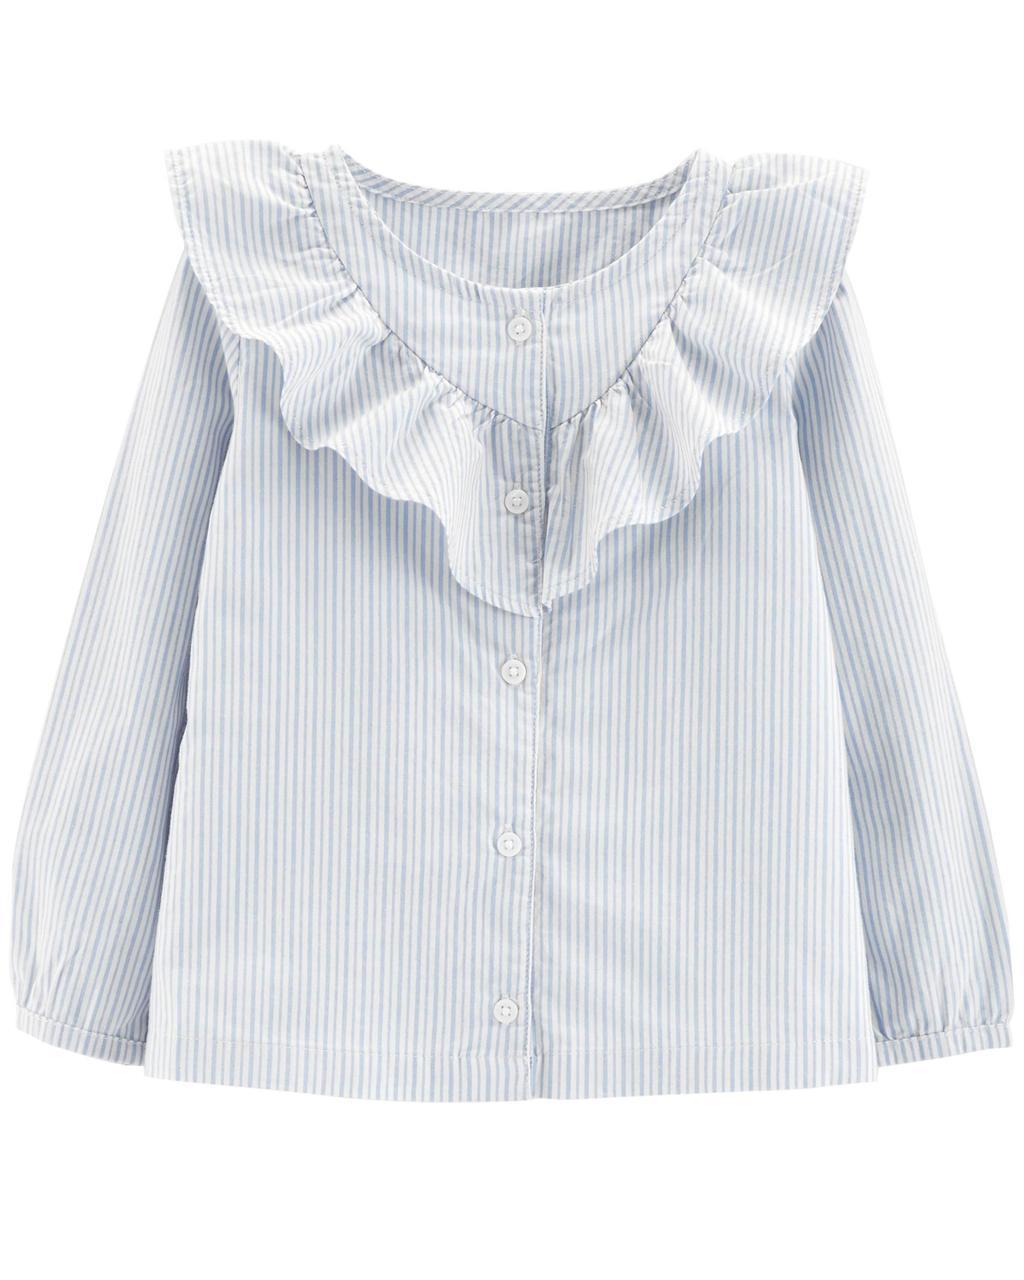 Туника для девочки Картерс ( Carters) синий 5Т(105-111 см)